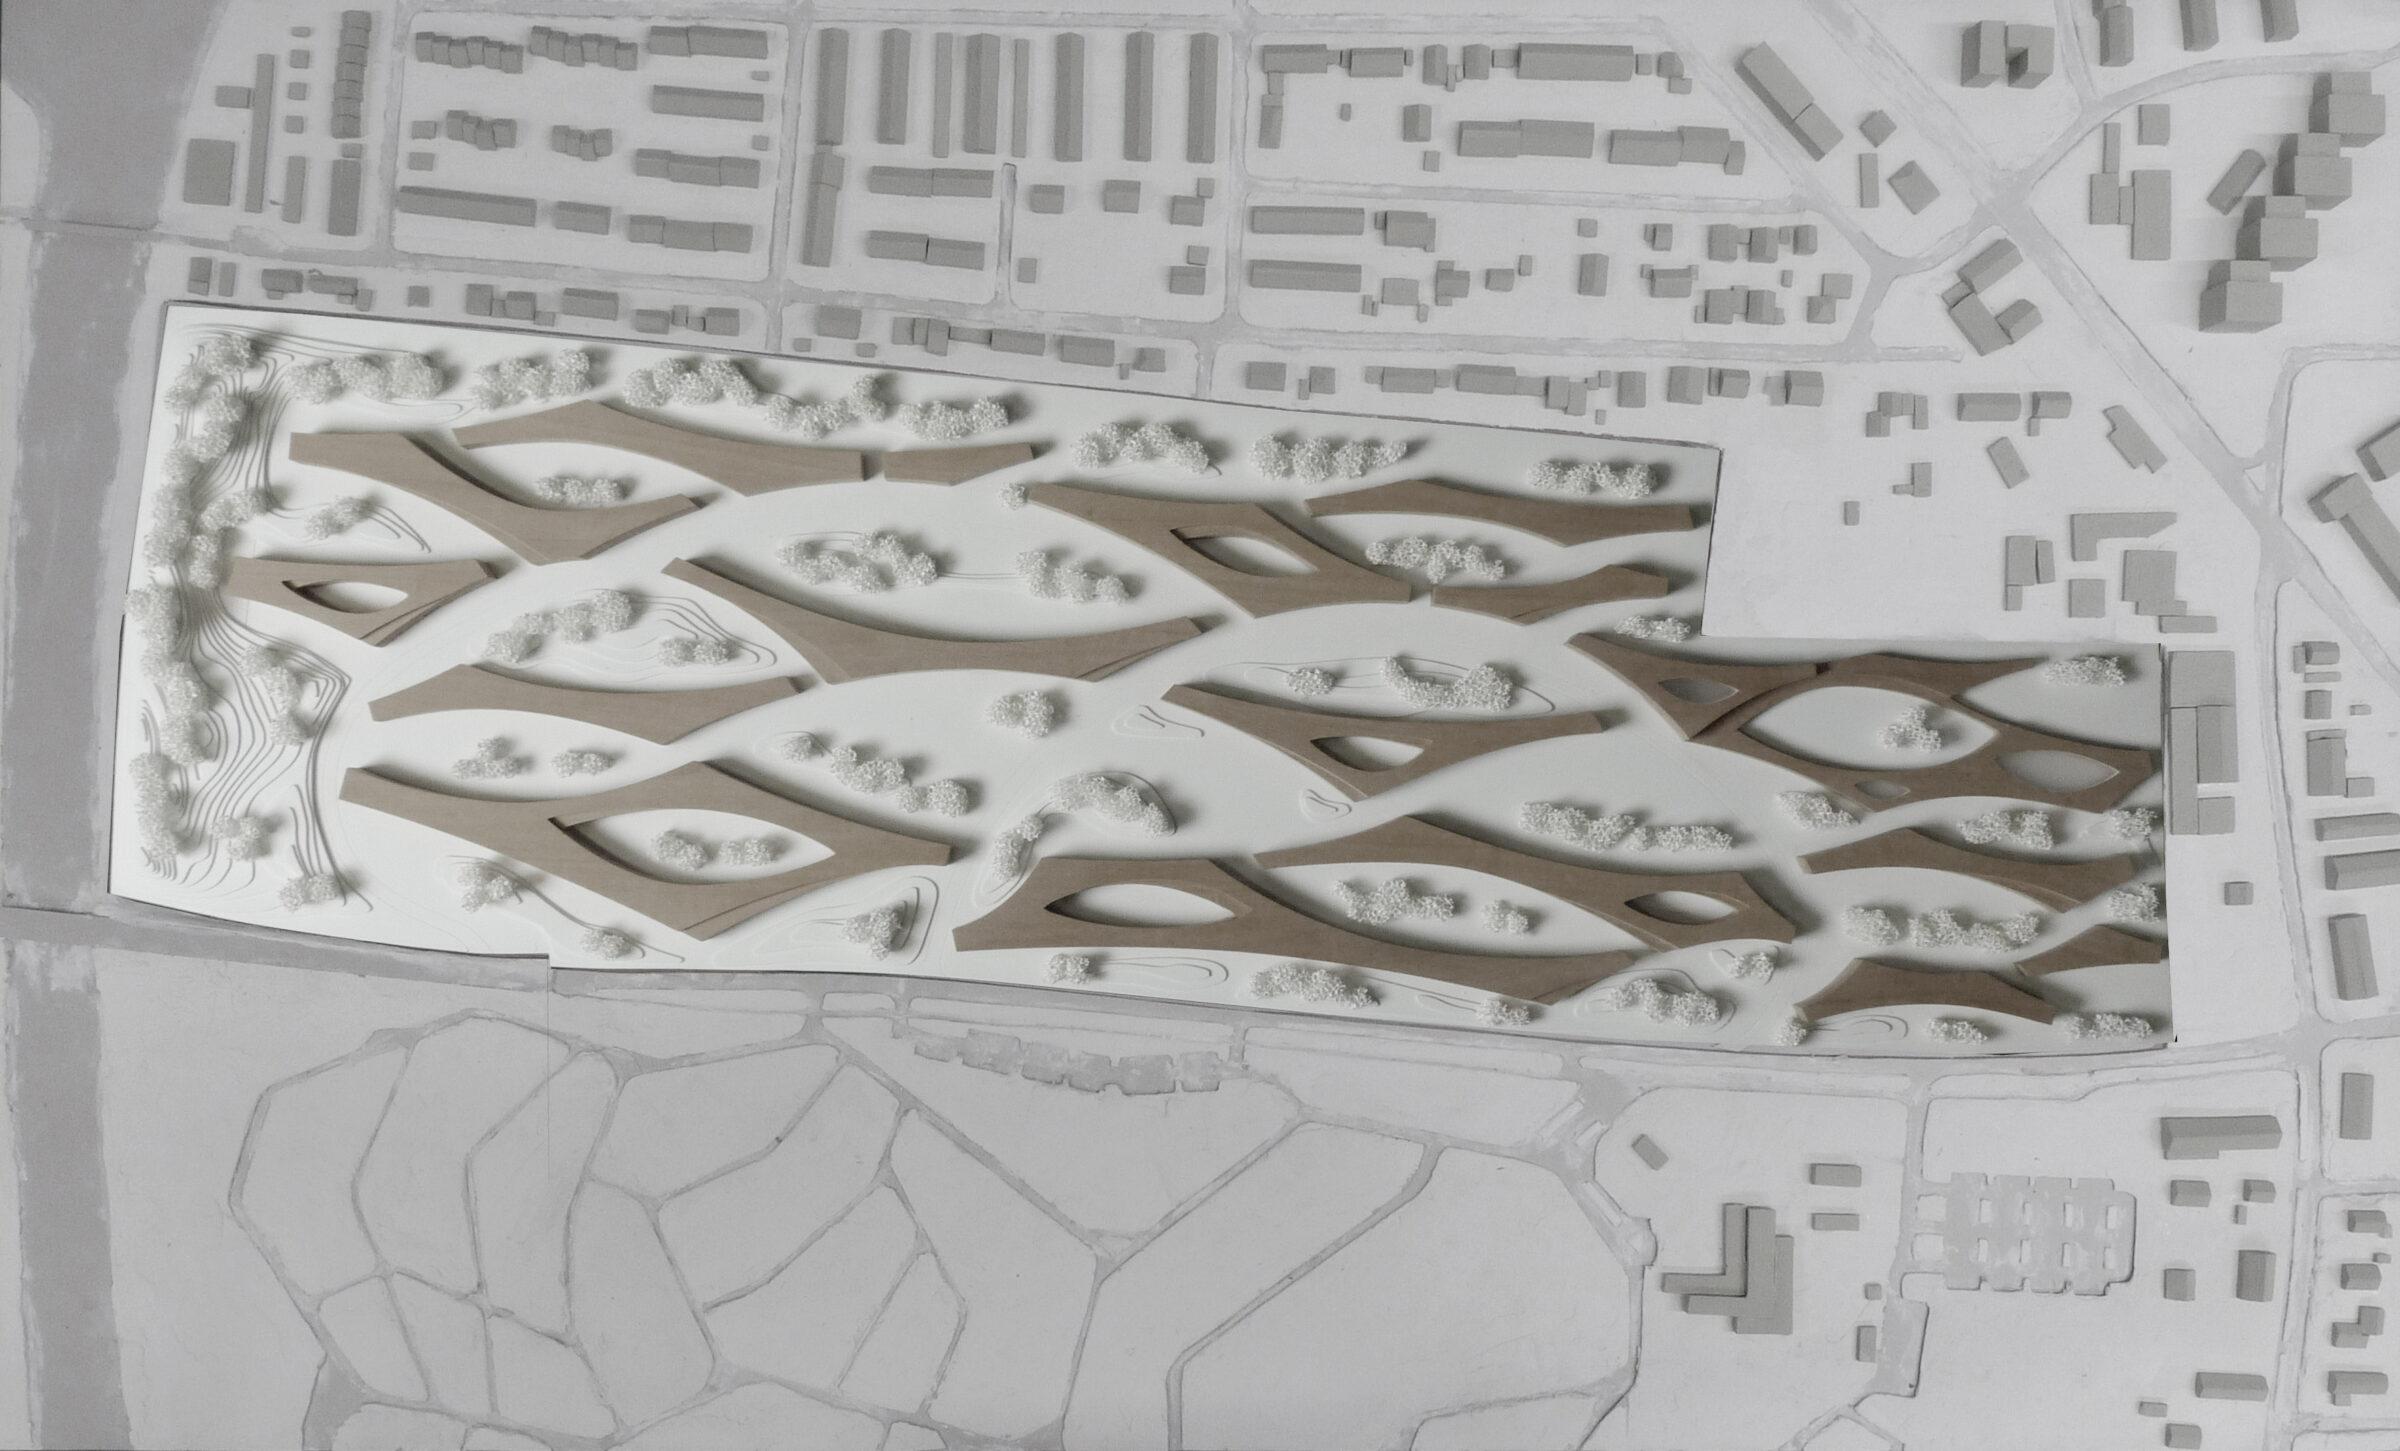 Hochäckerstrasse München dreisterneplus meili Peter Städtebau Wohnungsbau